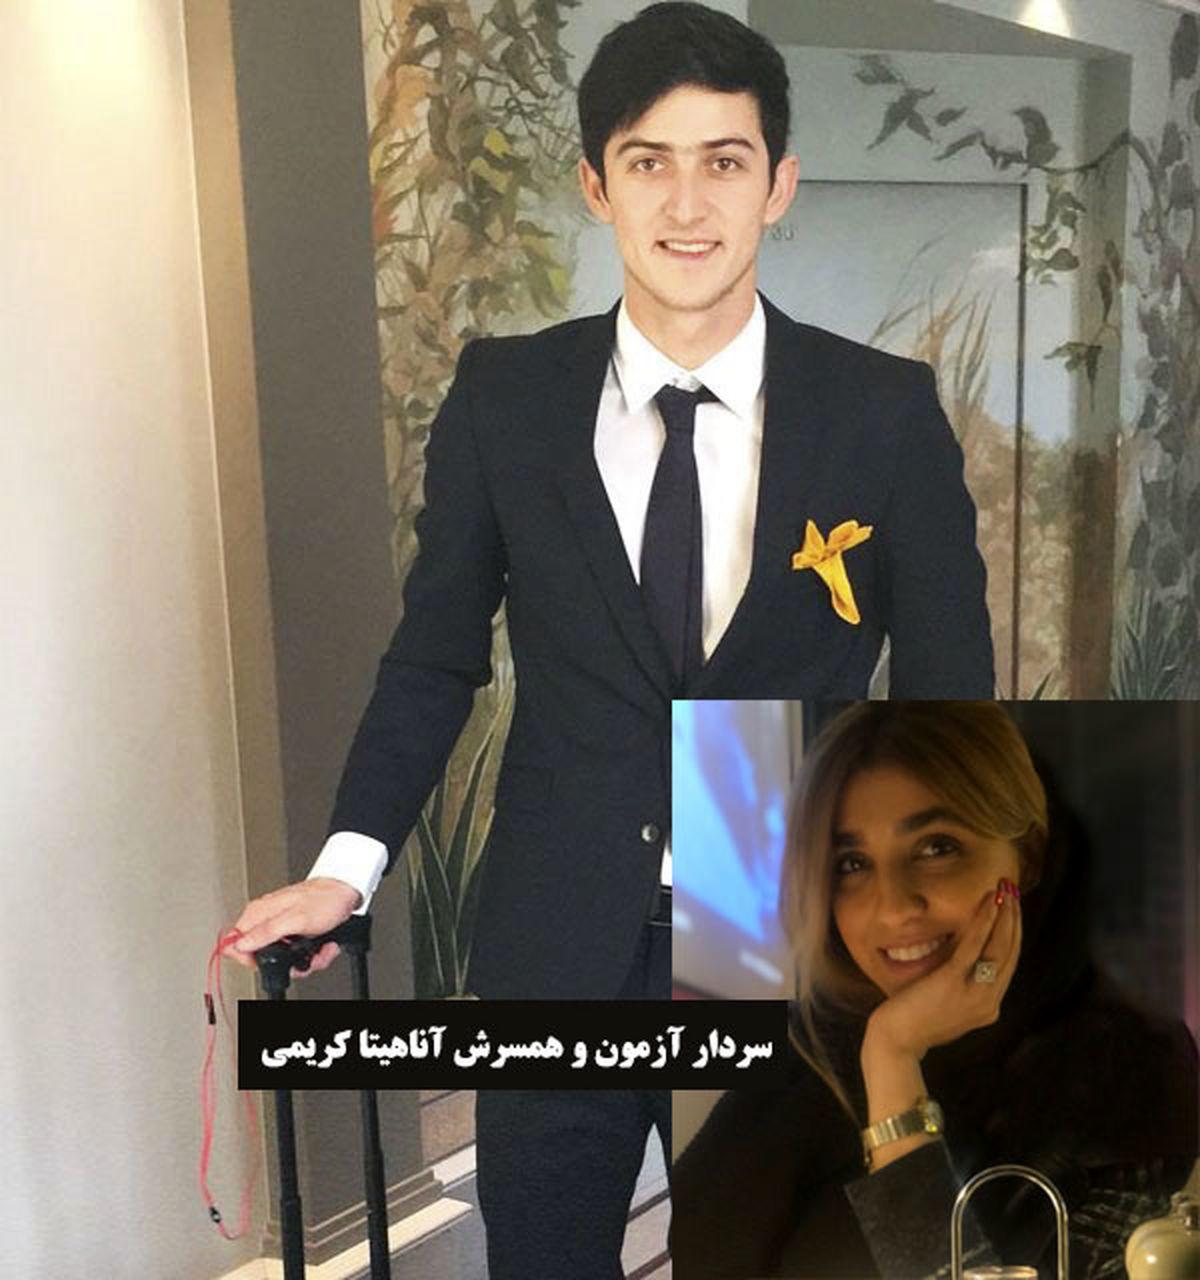 ابراز علاقه عاشقانه یک دختر به سردار آزمون در ملاعام + فیلم